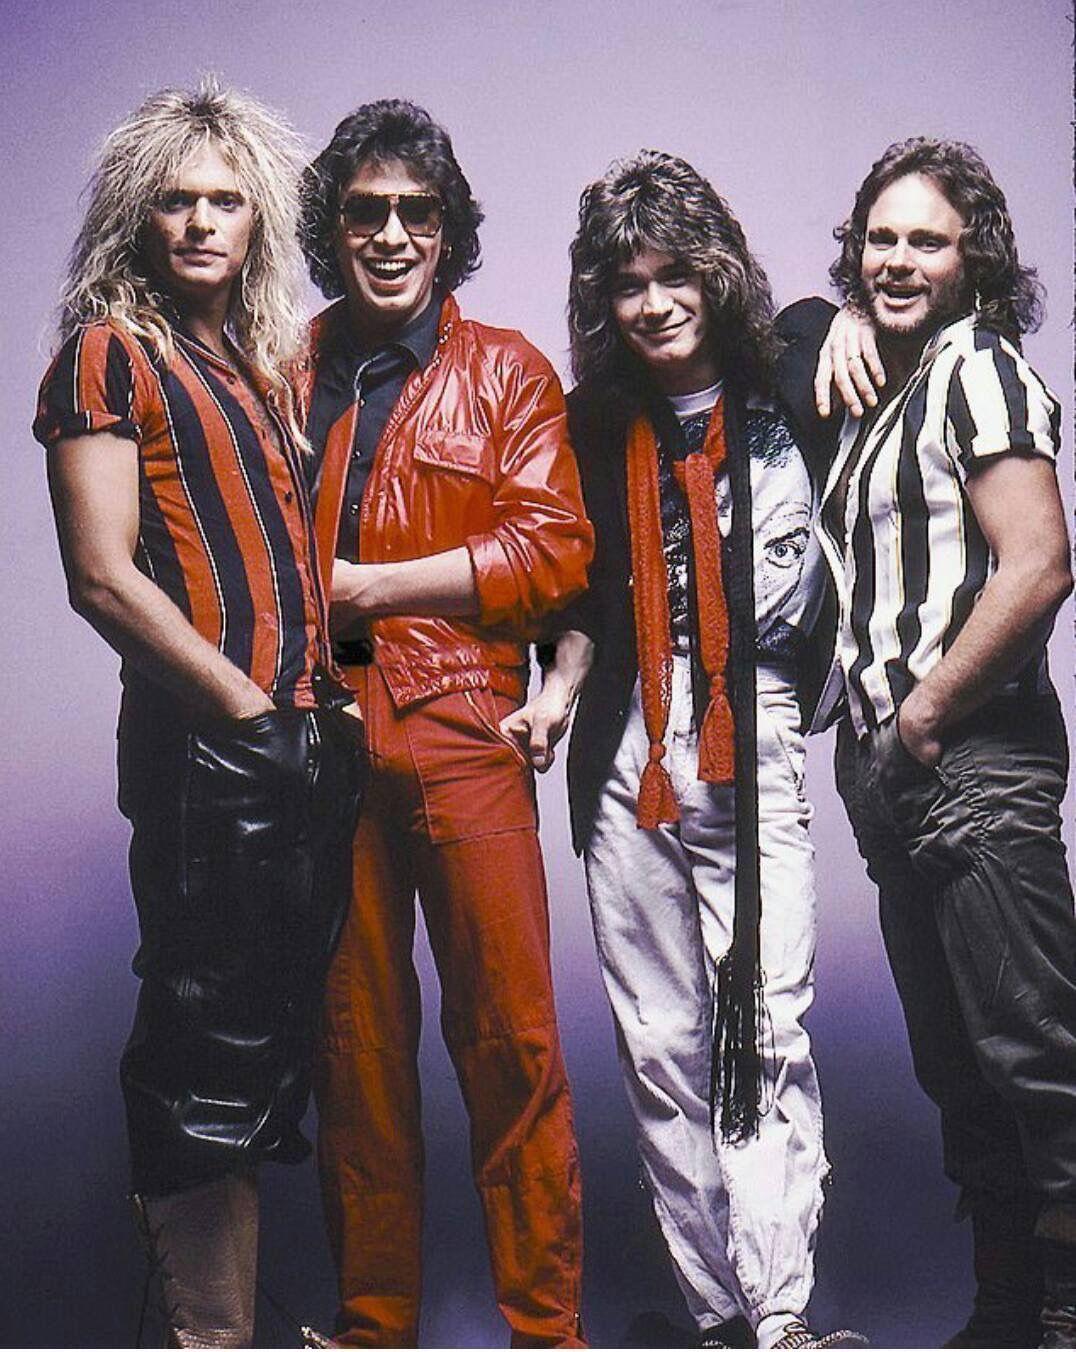 Van Halen Eddie Van Halen Van Halen Michael Anthony Van Halen